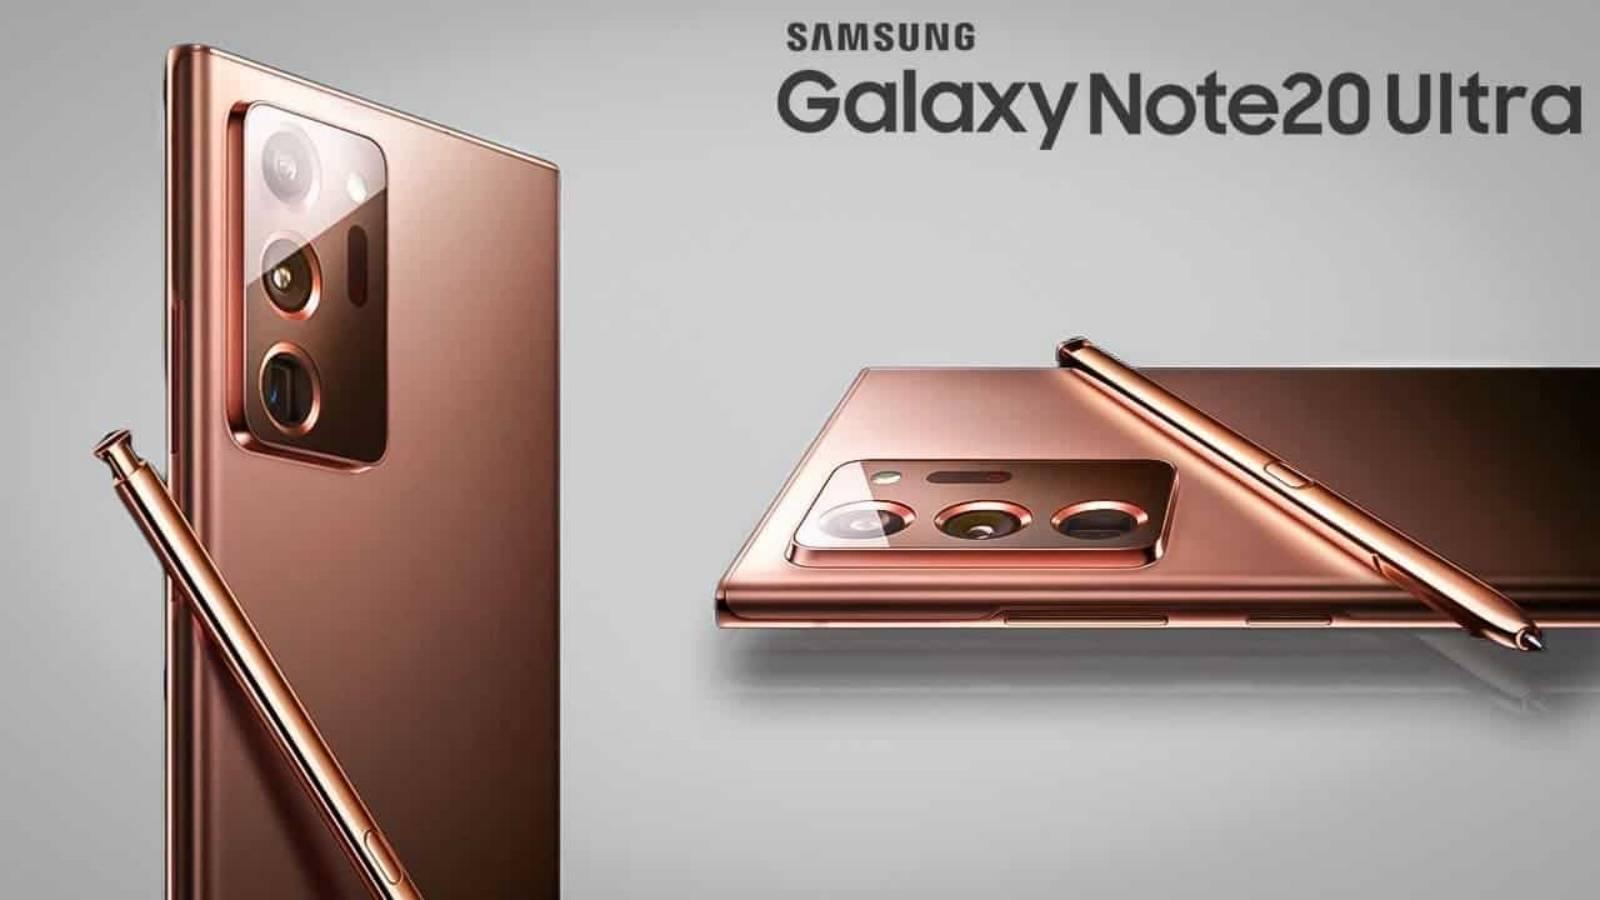 Samsung GALAXY Note 20 ULTRA exynos